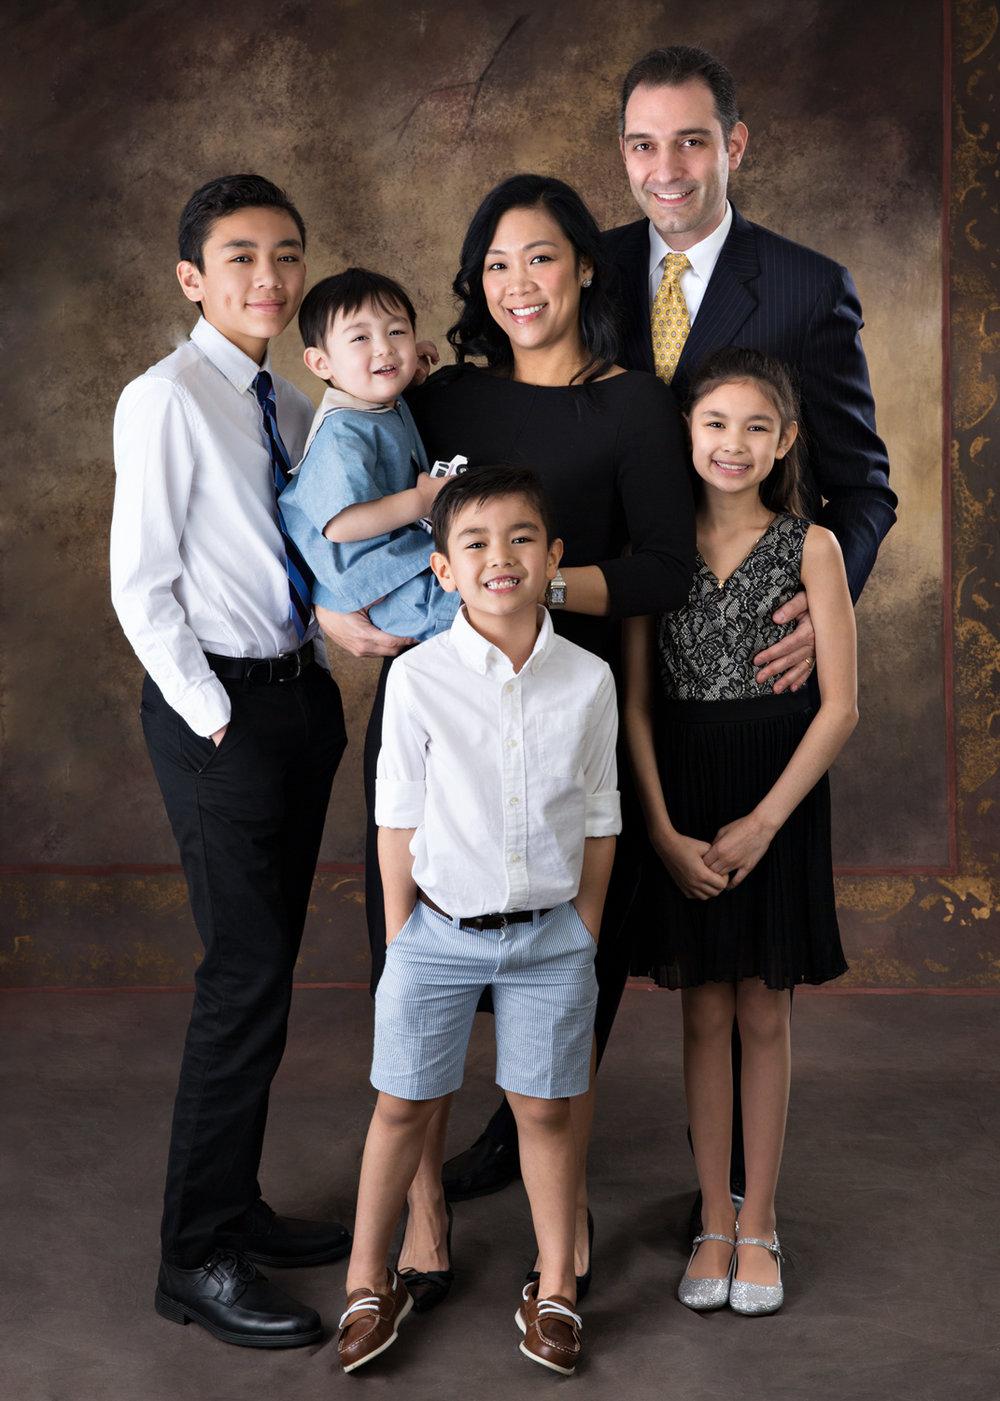 Family-portrait-photography-studio-northport-ny-2.jpg